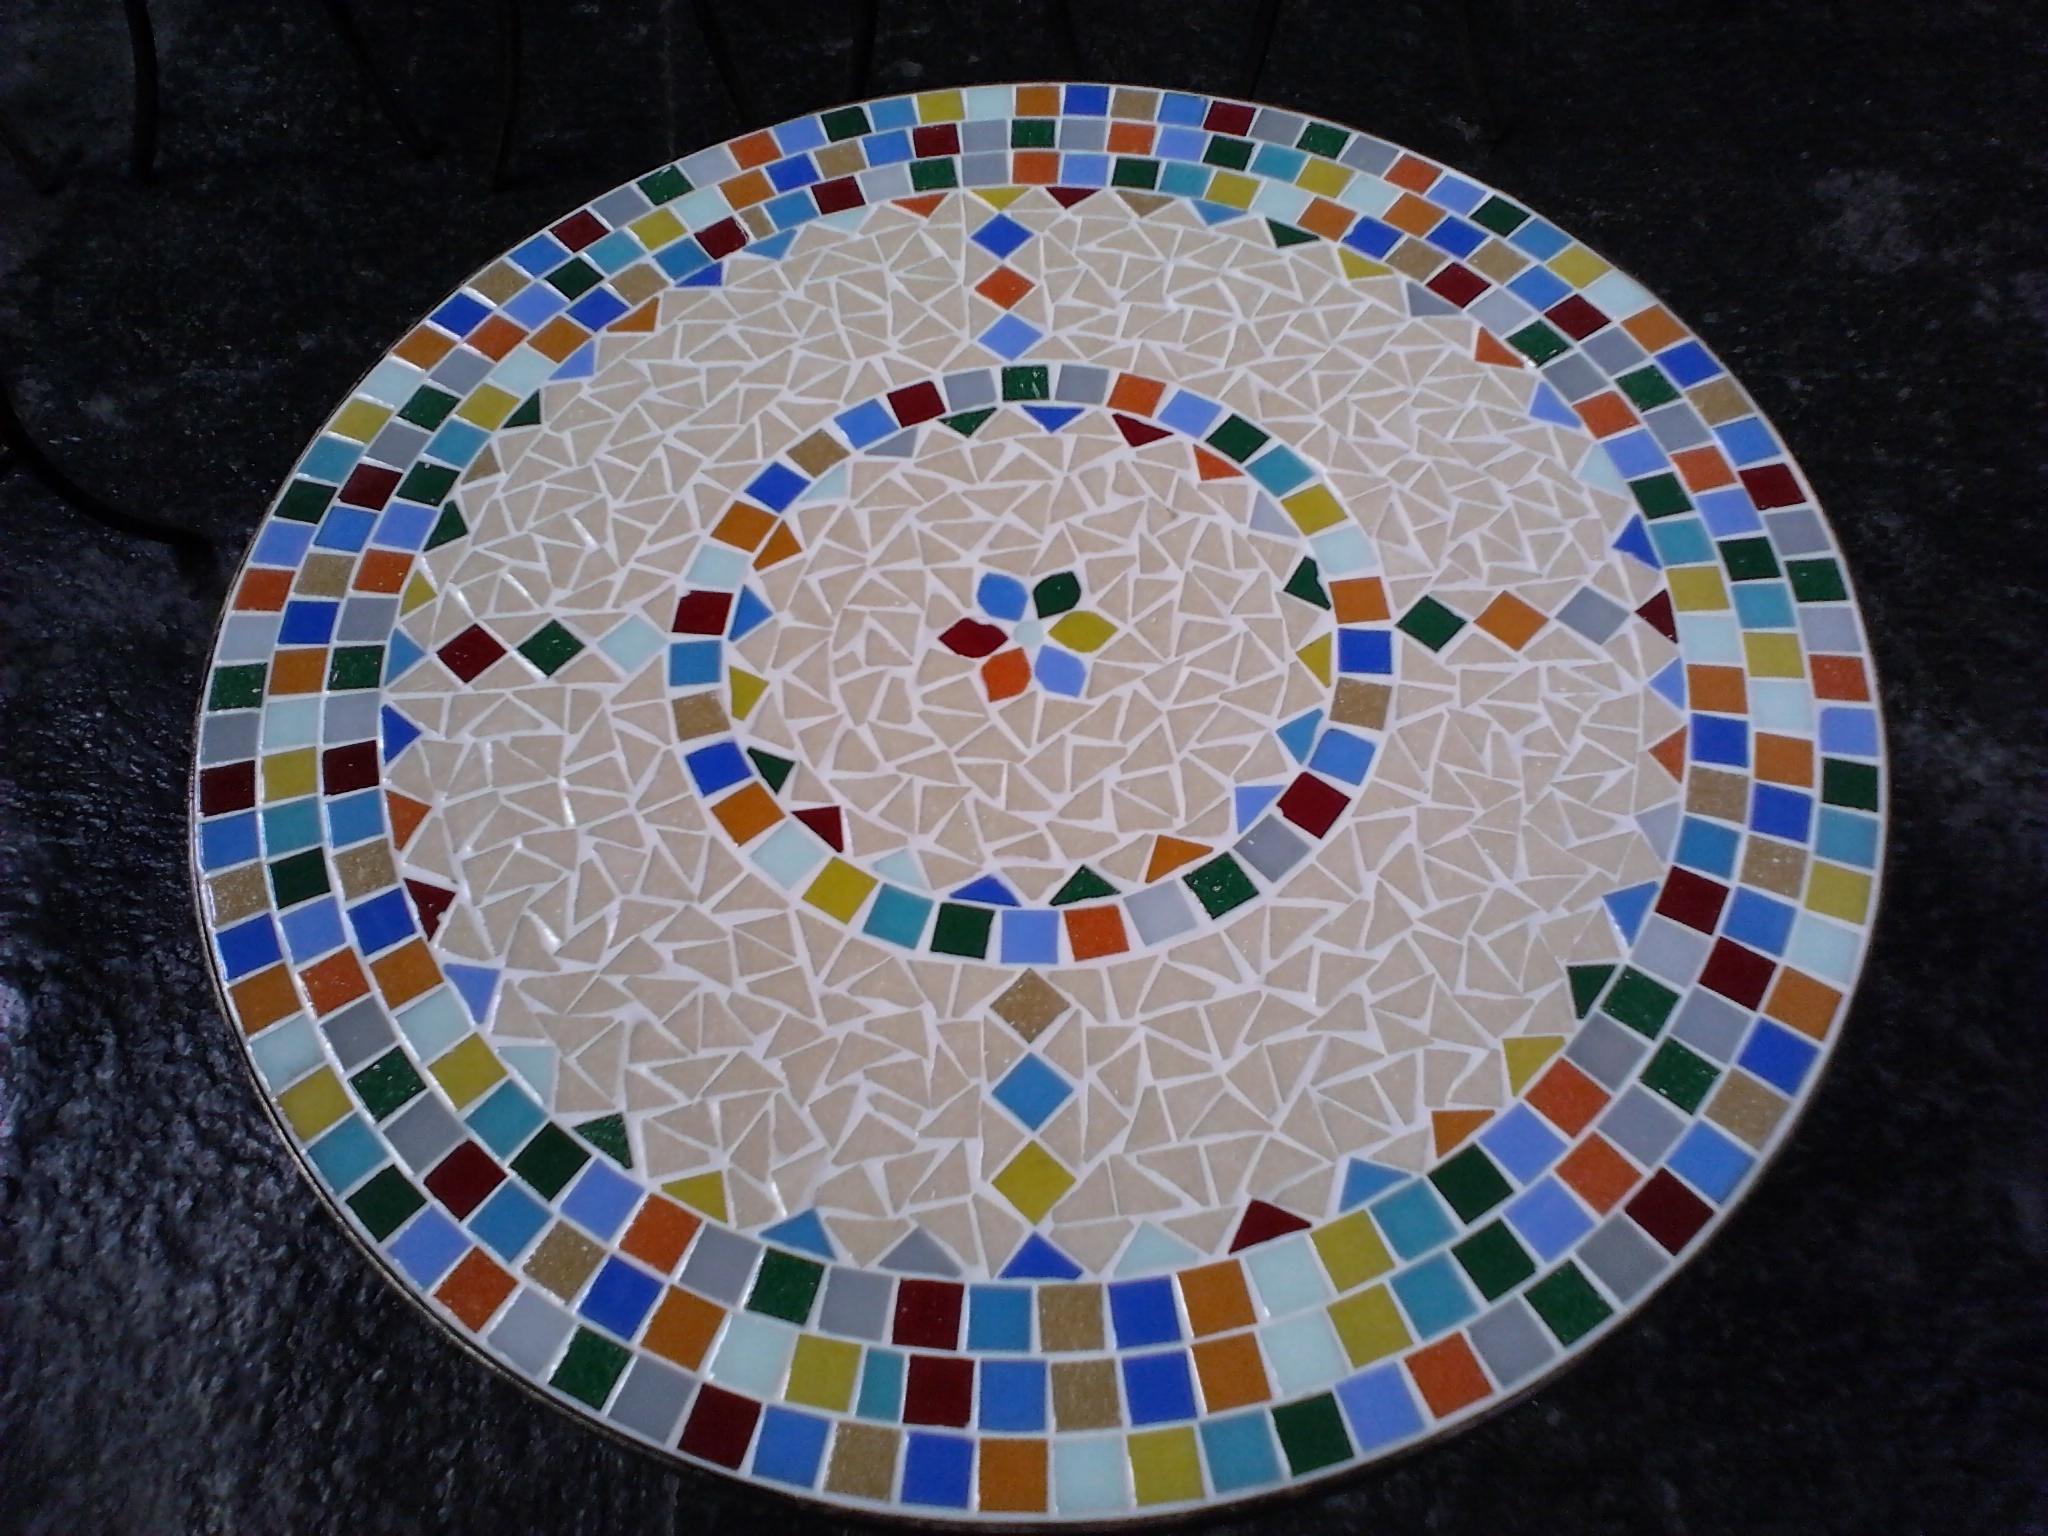 Mesa mosaico color em tri ngulo leiarts mosaico elo7 - Mosaico de madera ...